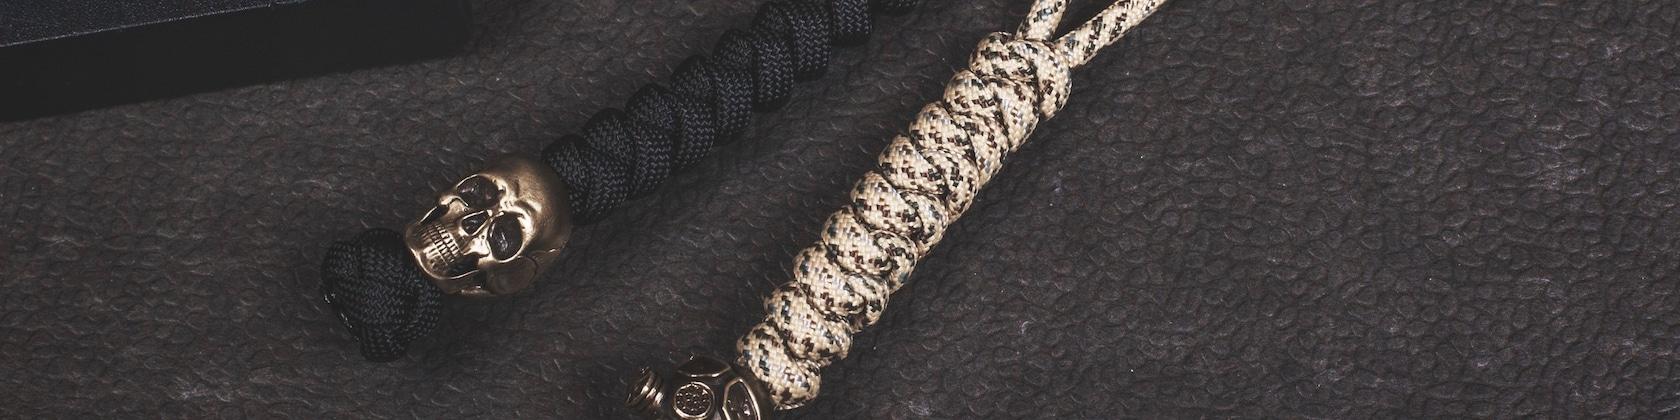 Cuivre Citrouille couteau Perles Laiton Crâne Perles Crâne Keychain Pendentif EDC Paracord